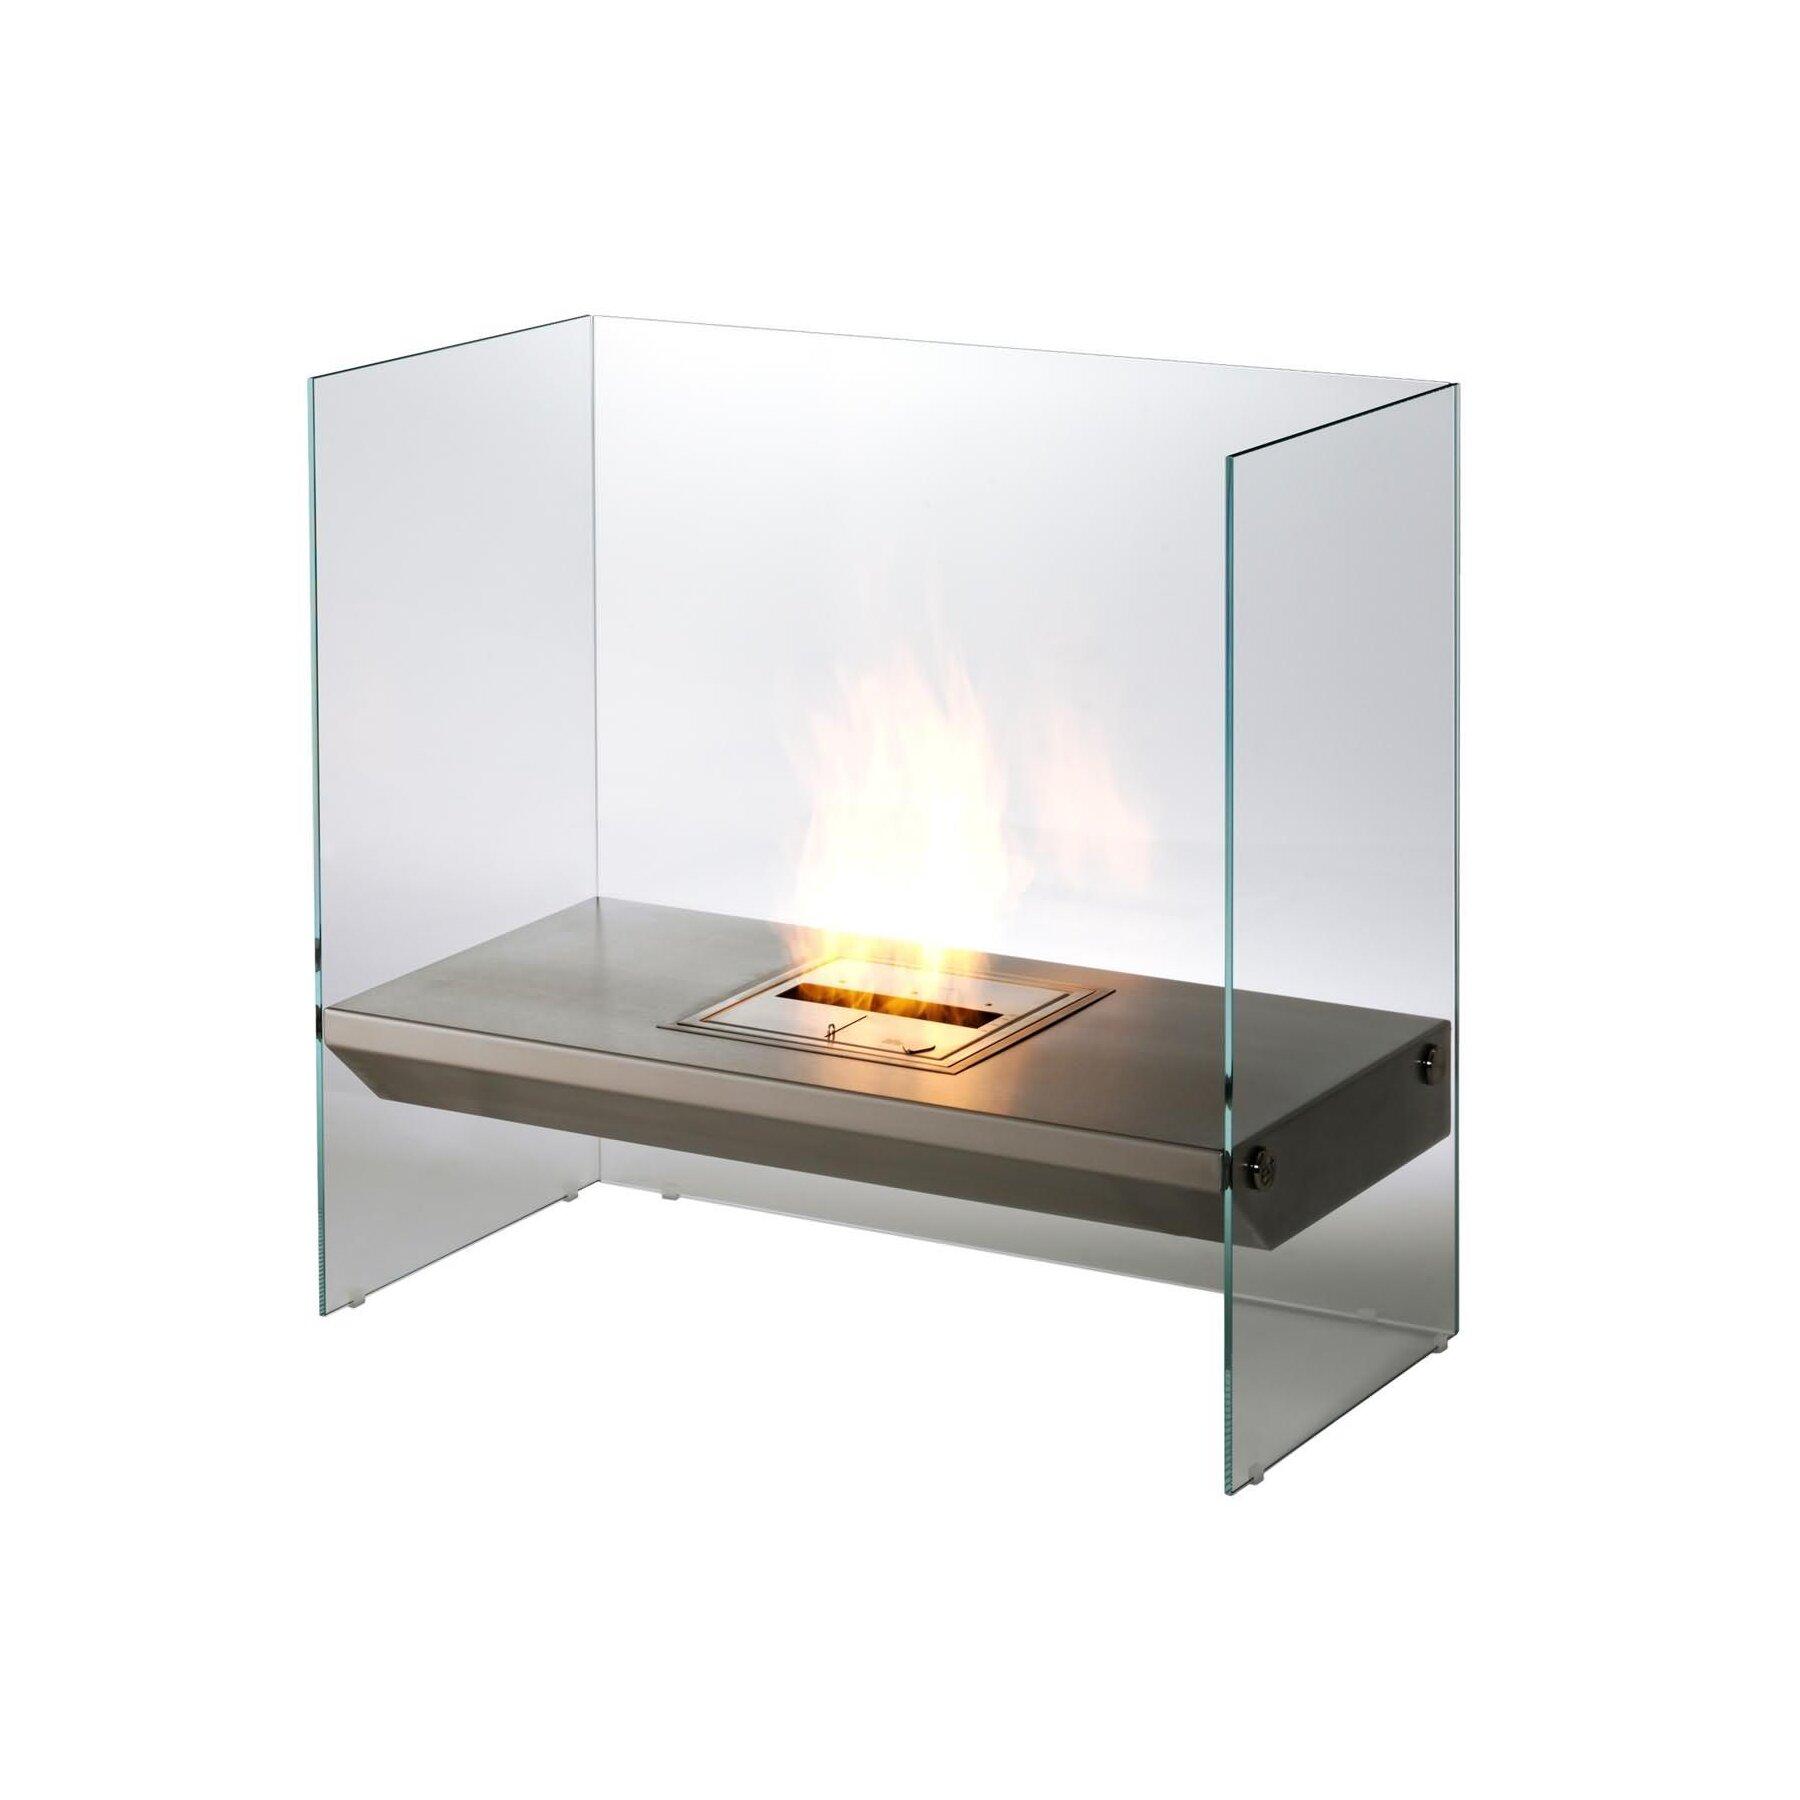 glas ethanol stand kamin ecosmart igloo. Black Bedroom Furniture Sets. Home Design Ideas